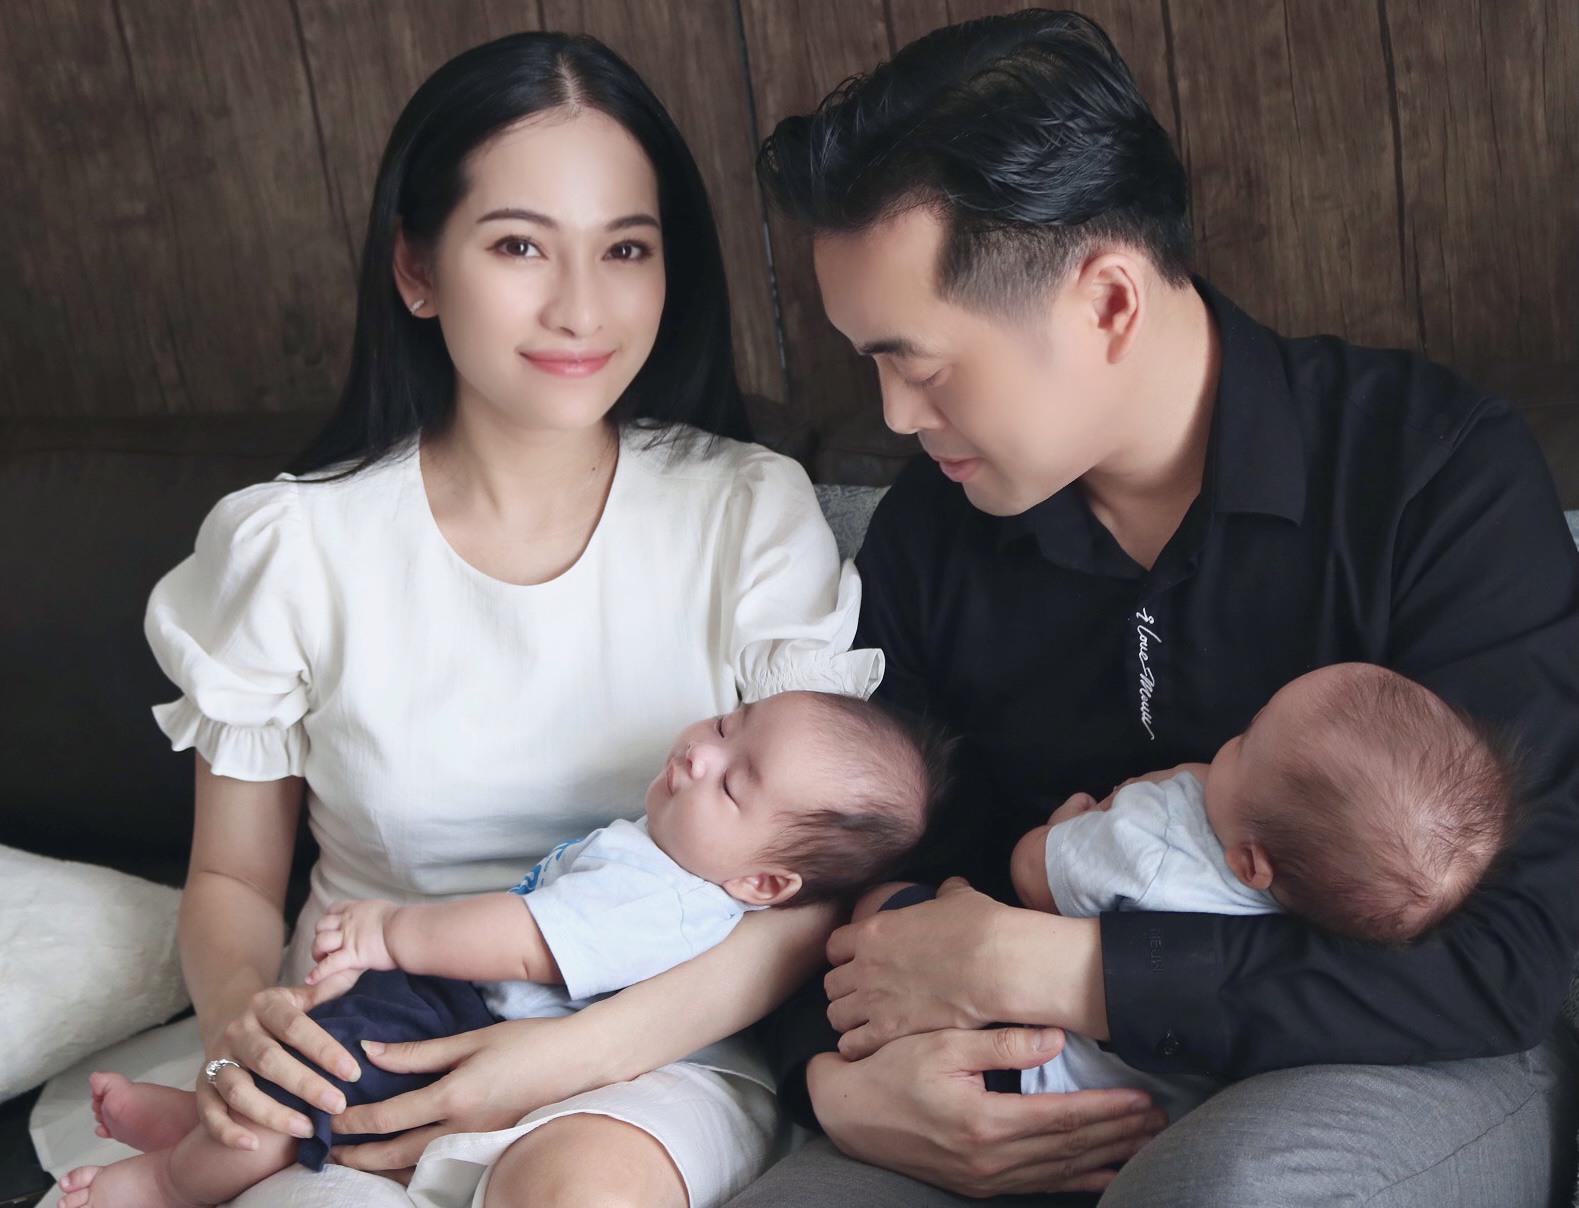 40 cái Tết mới làm bố, Dương Khắc Linh amp;#34;trúng sốamp;#34; cặp song sinh: amp;#34;Tết 2021 bội thu lì xìamp;#34; - 15